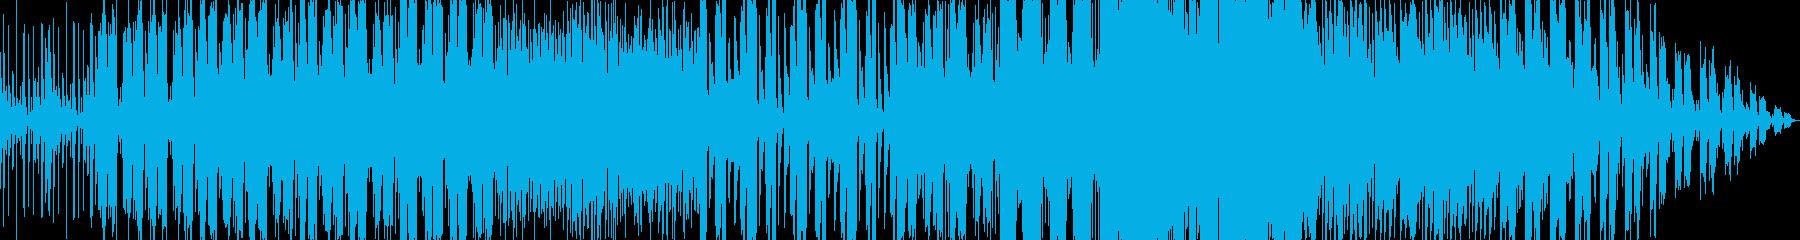 ダブを採り入れた存在感濃厚なポップの再生済みの波形